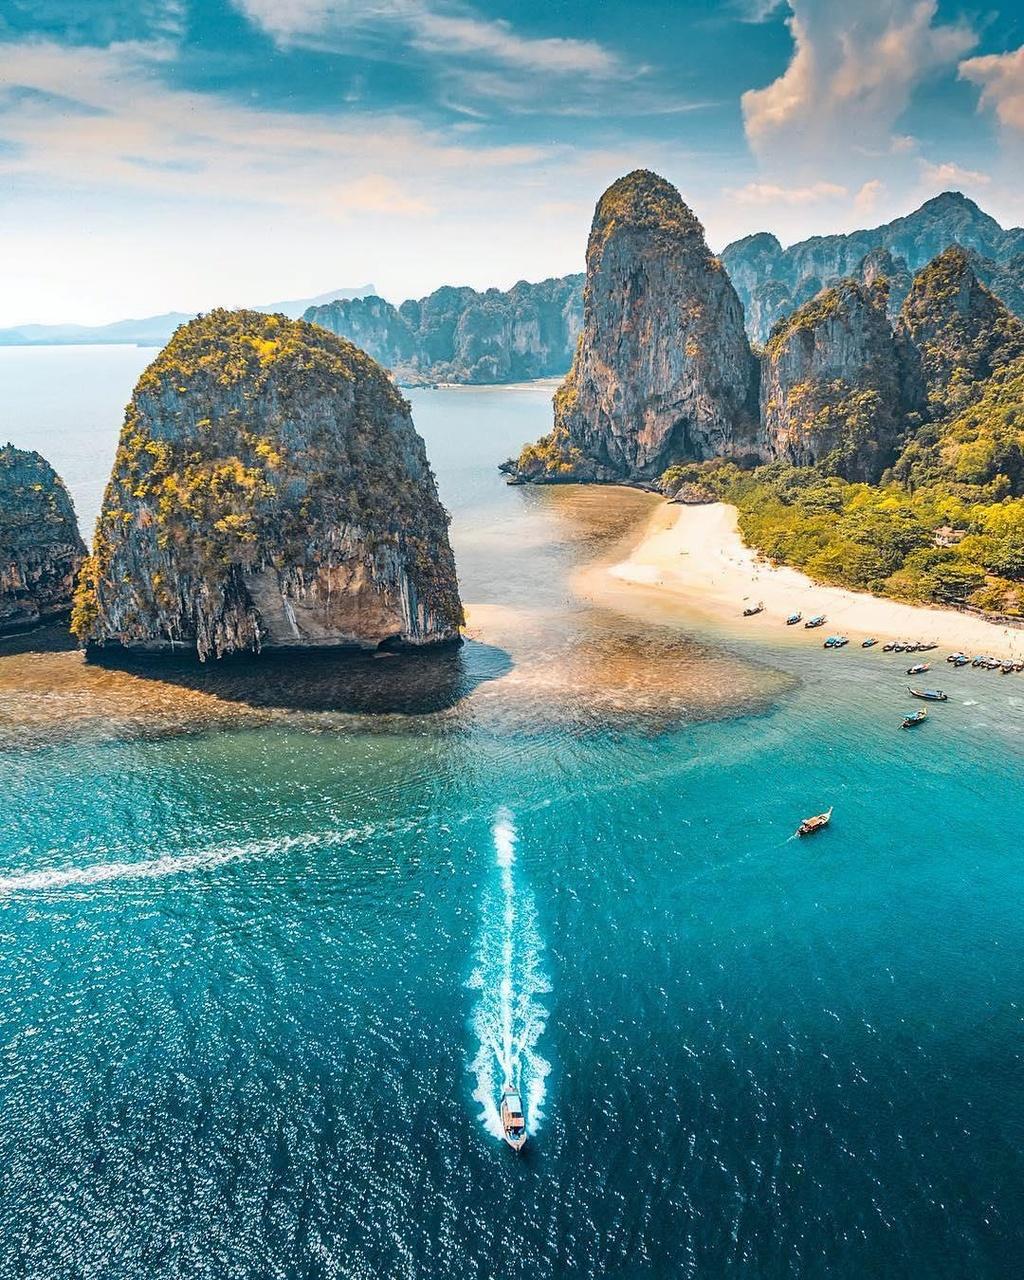 Krabi va nhung bai bien dep nhat Thai Lan hinh anh 5